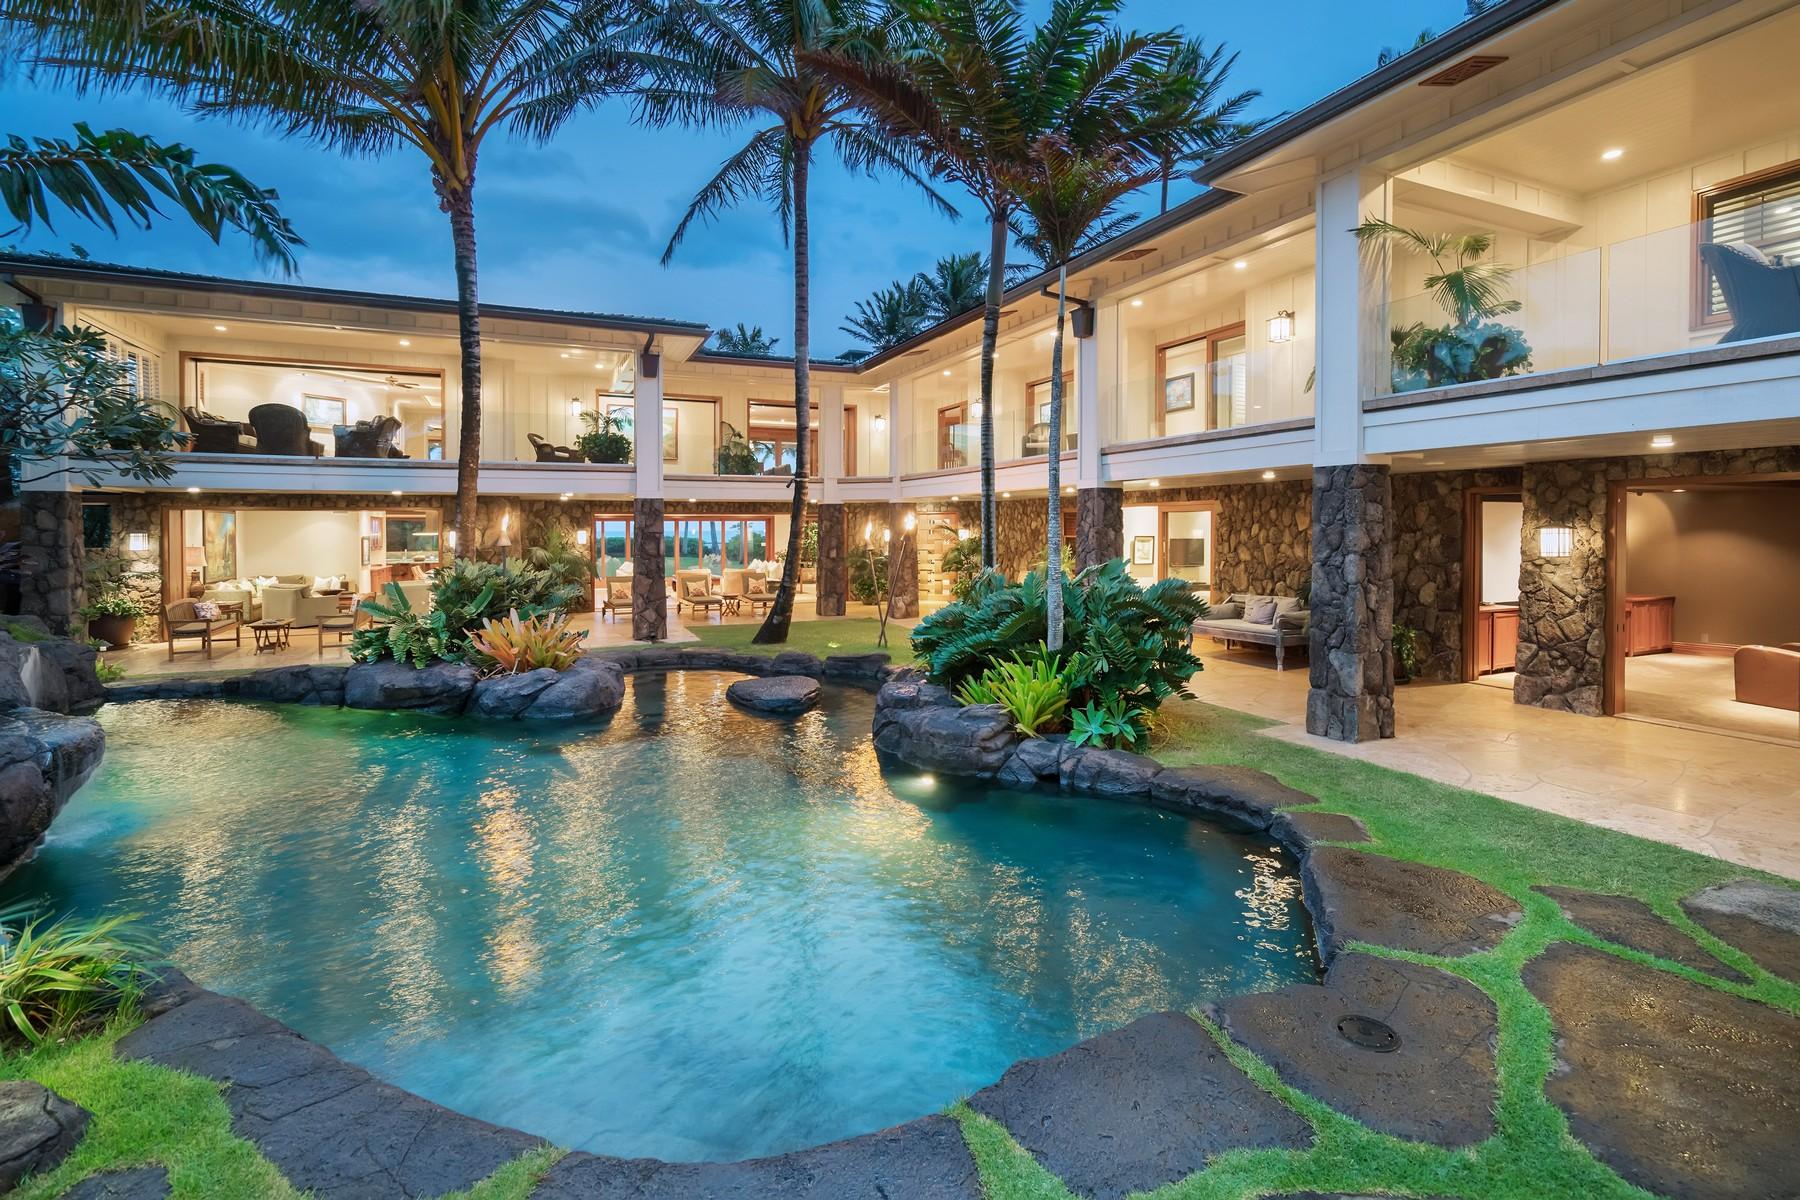 一戸建て のために 売買 アット 210 Kalaheo on Kailua Beach 210 Kalaheo Avenue Kailua, ハワイ 96734 アメリカ合衆国